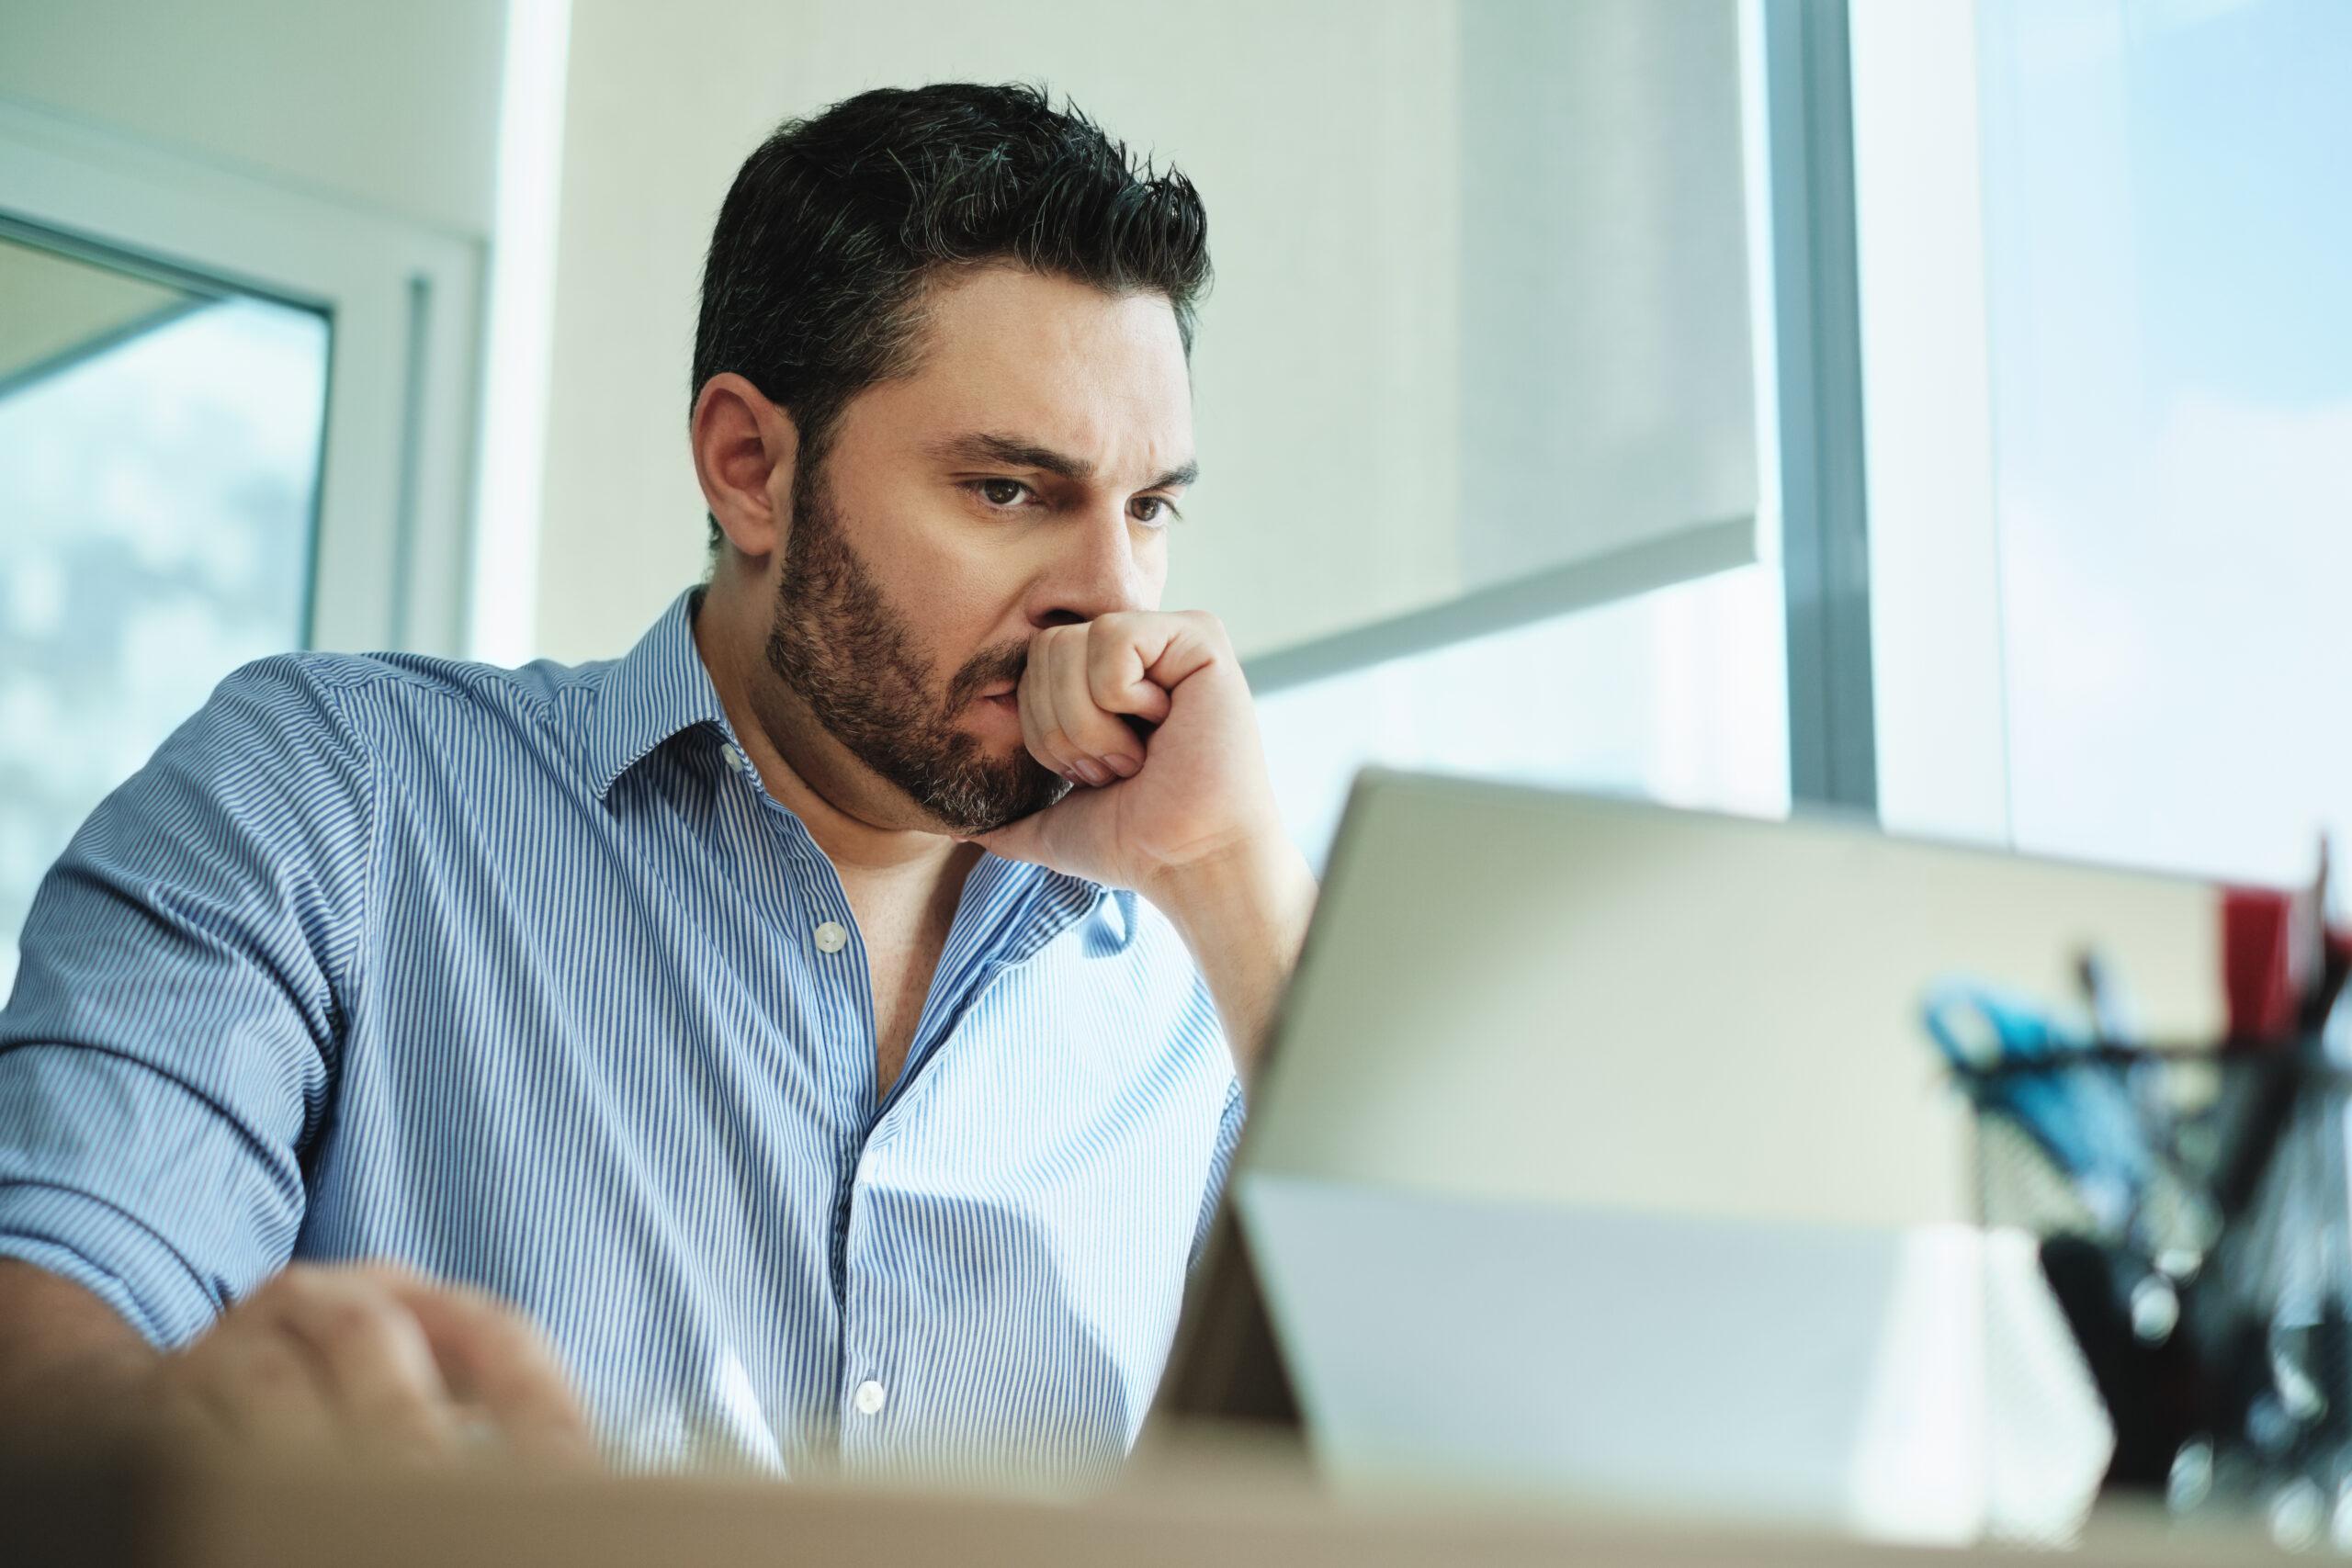 Antivirus: tranquilidad en la seguridad informática de tu negocio